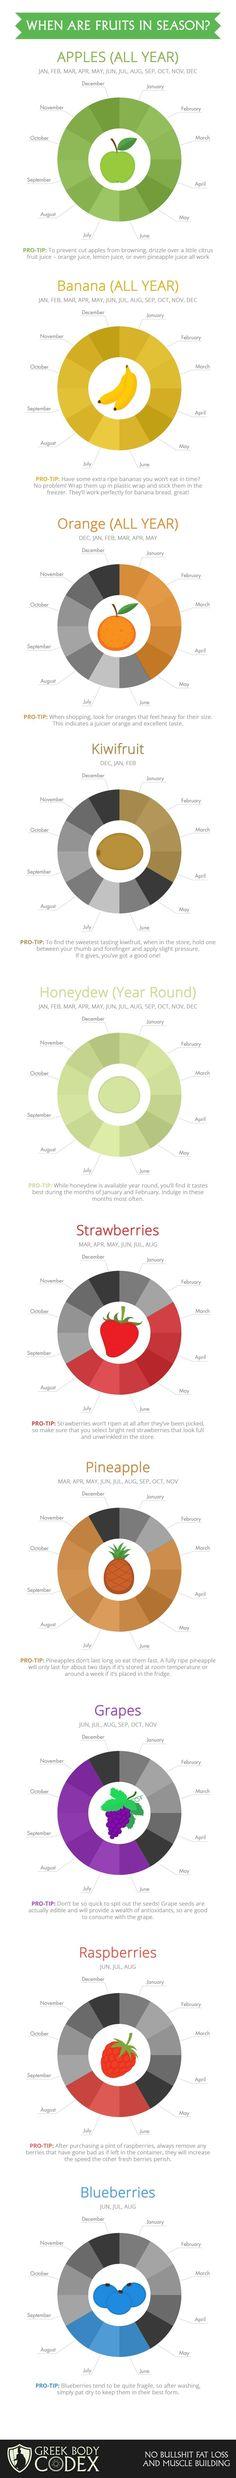 Frutas según la temporada.